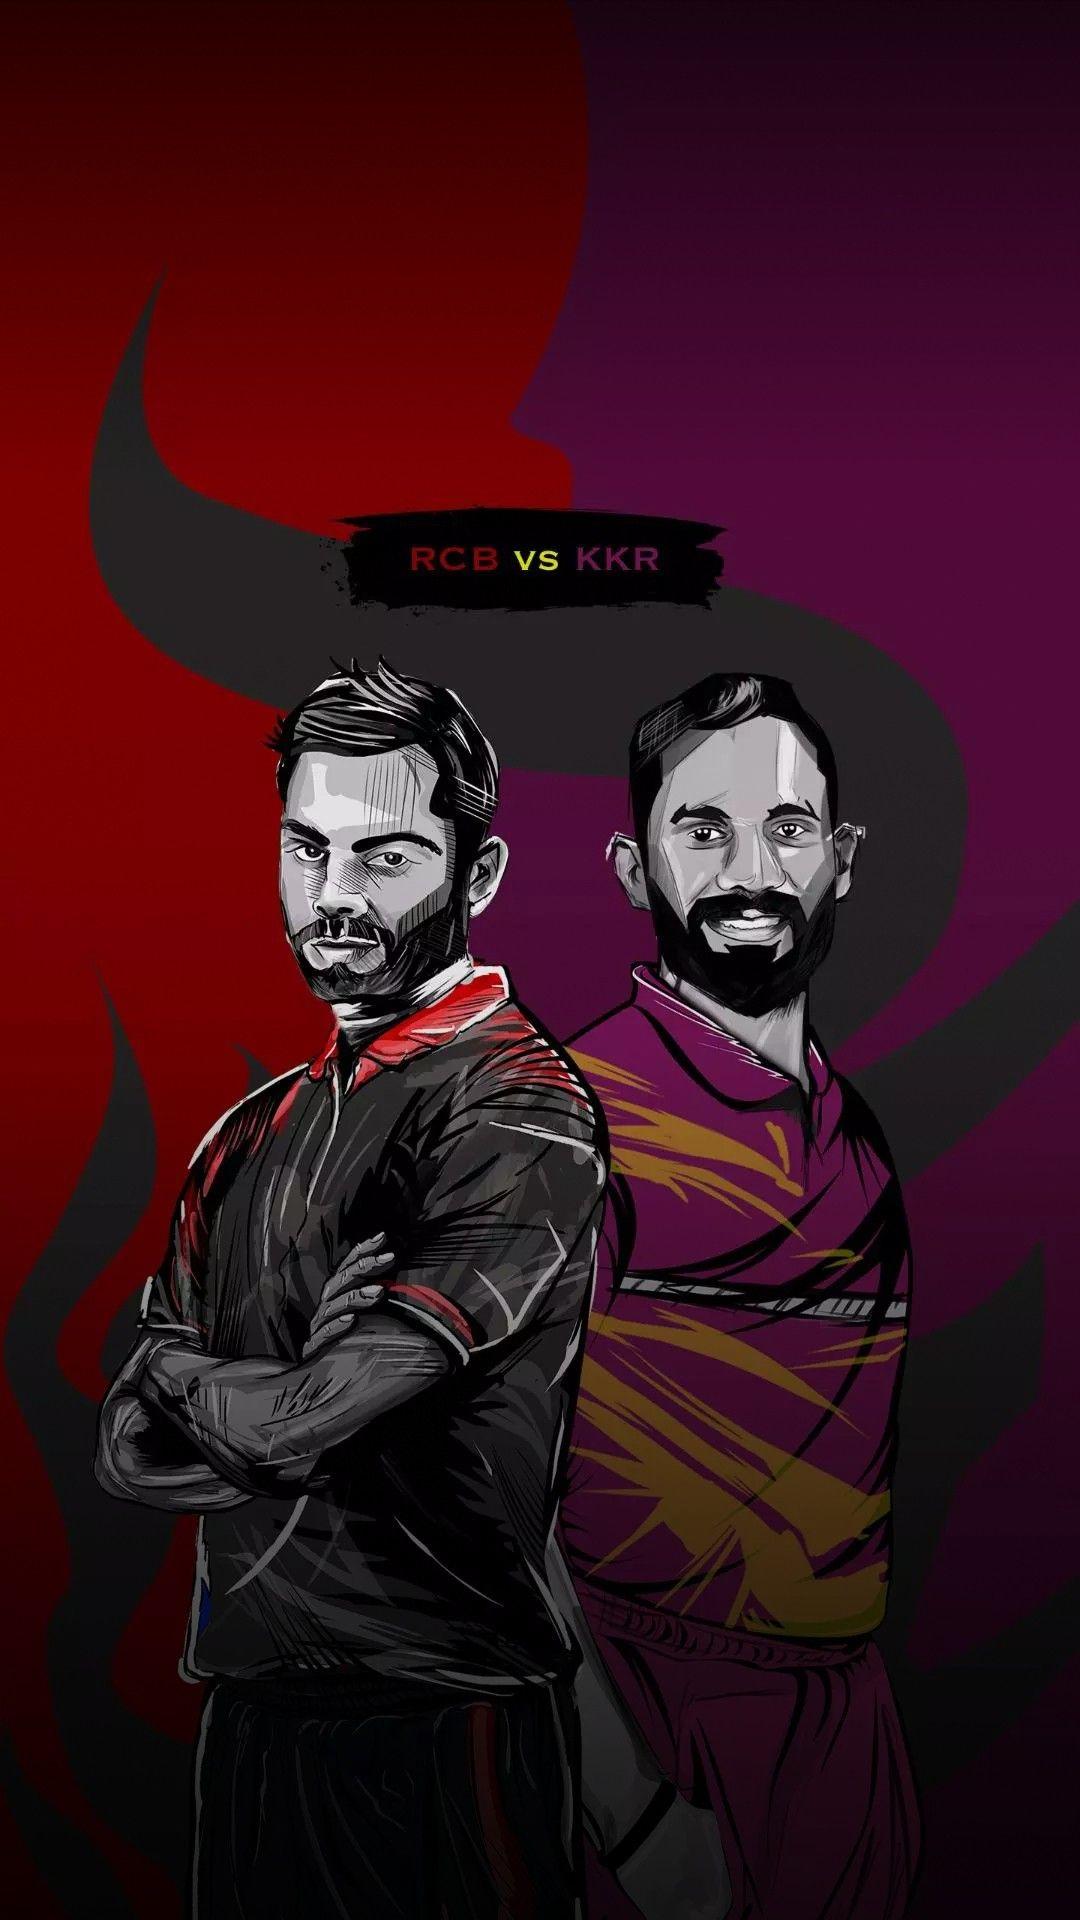 IPL 2019 RCB vs KKR Preview Virat Kohli's RCB look to end